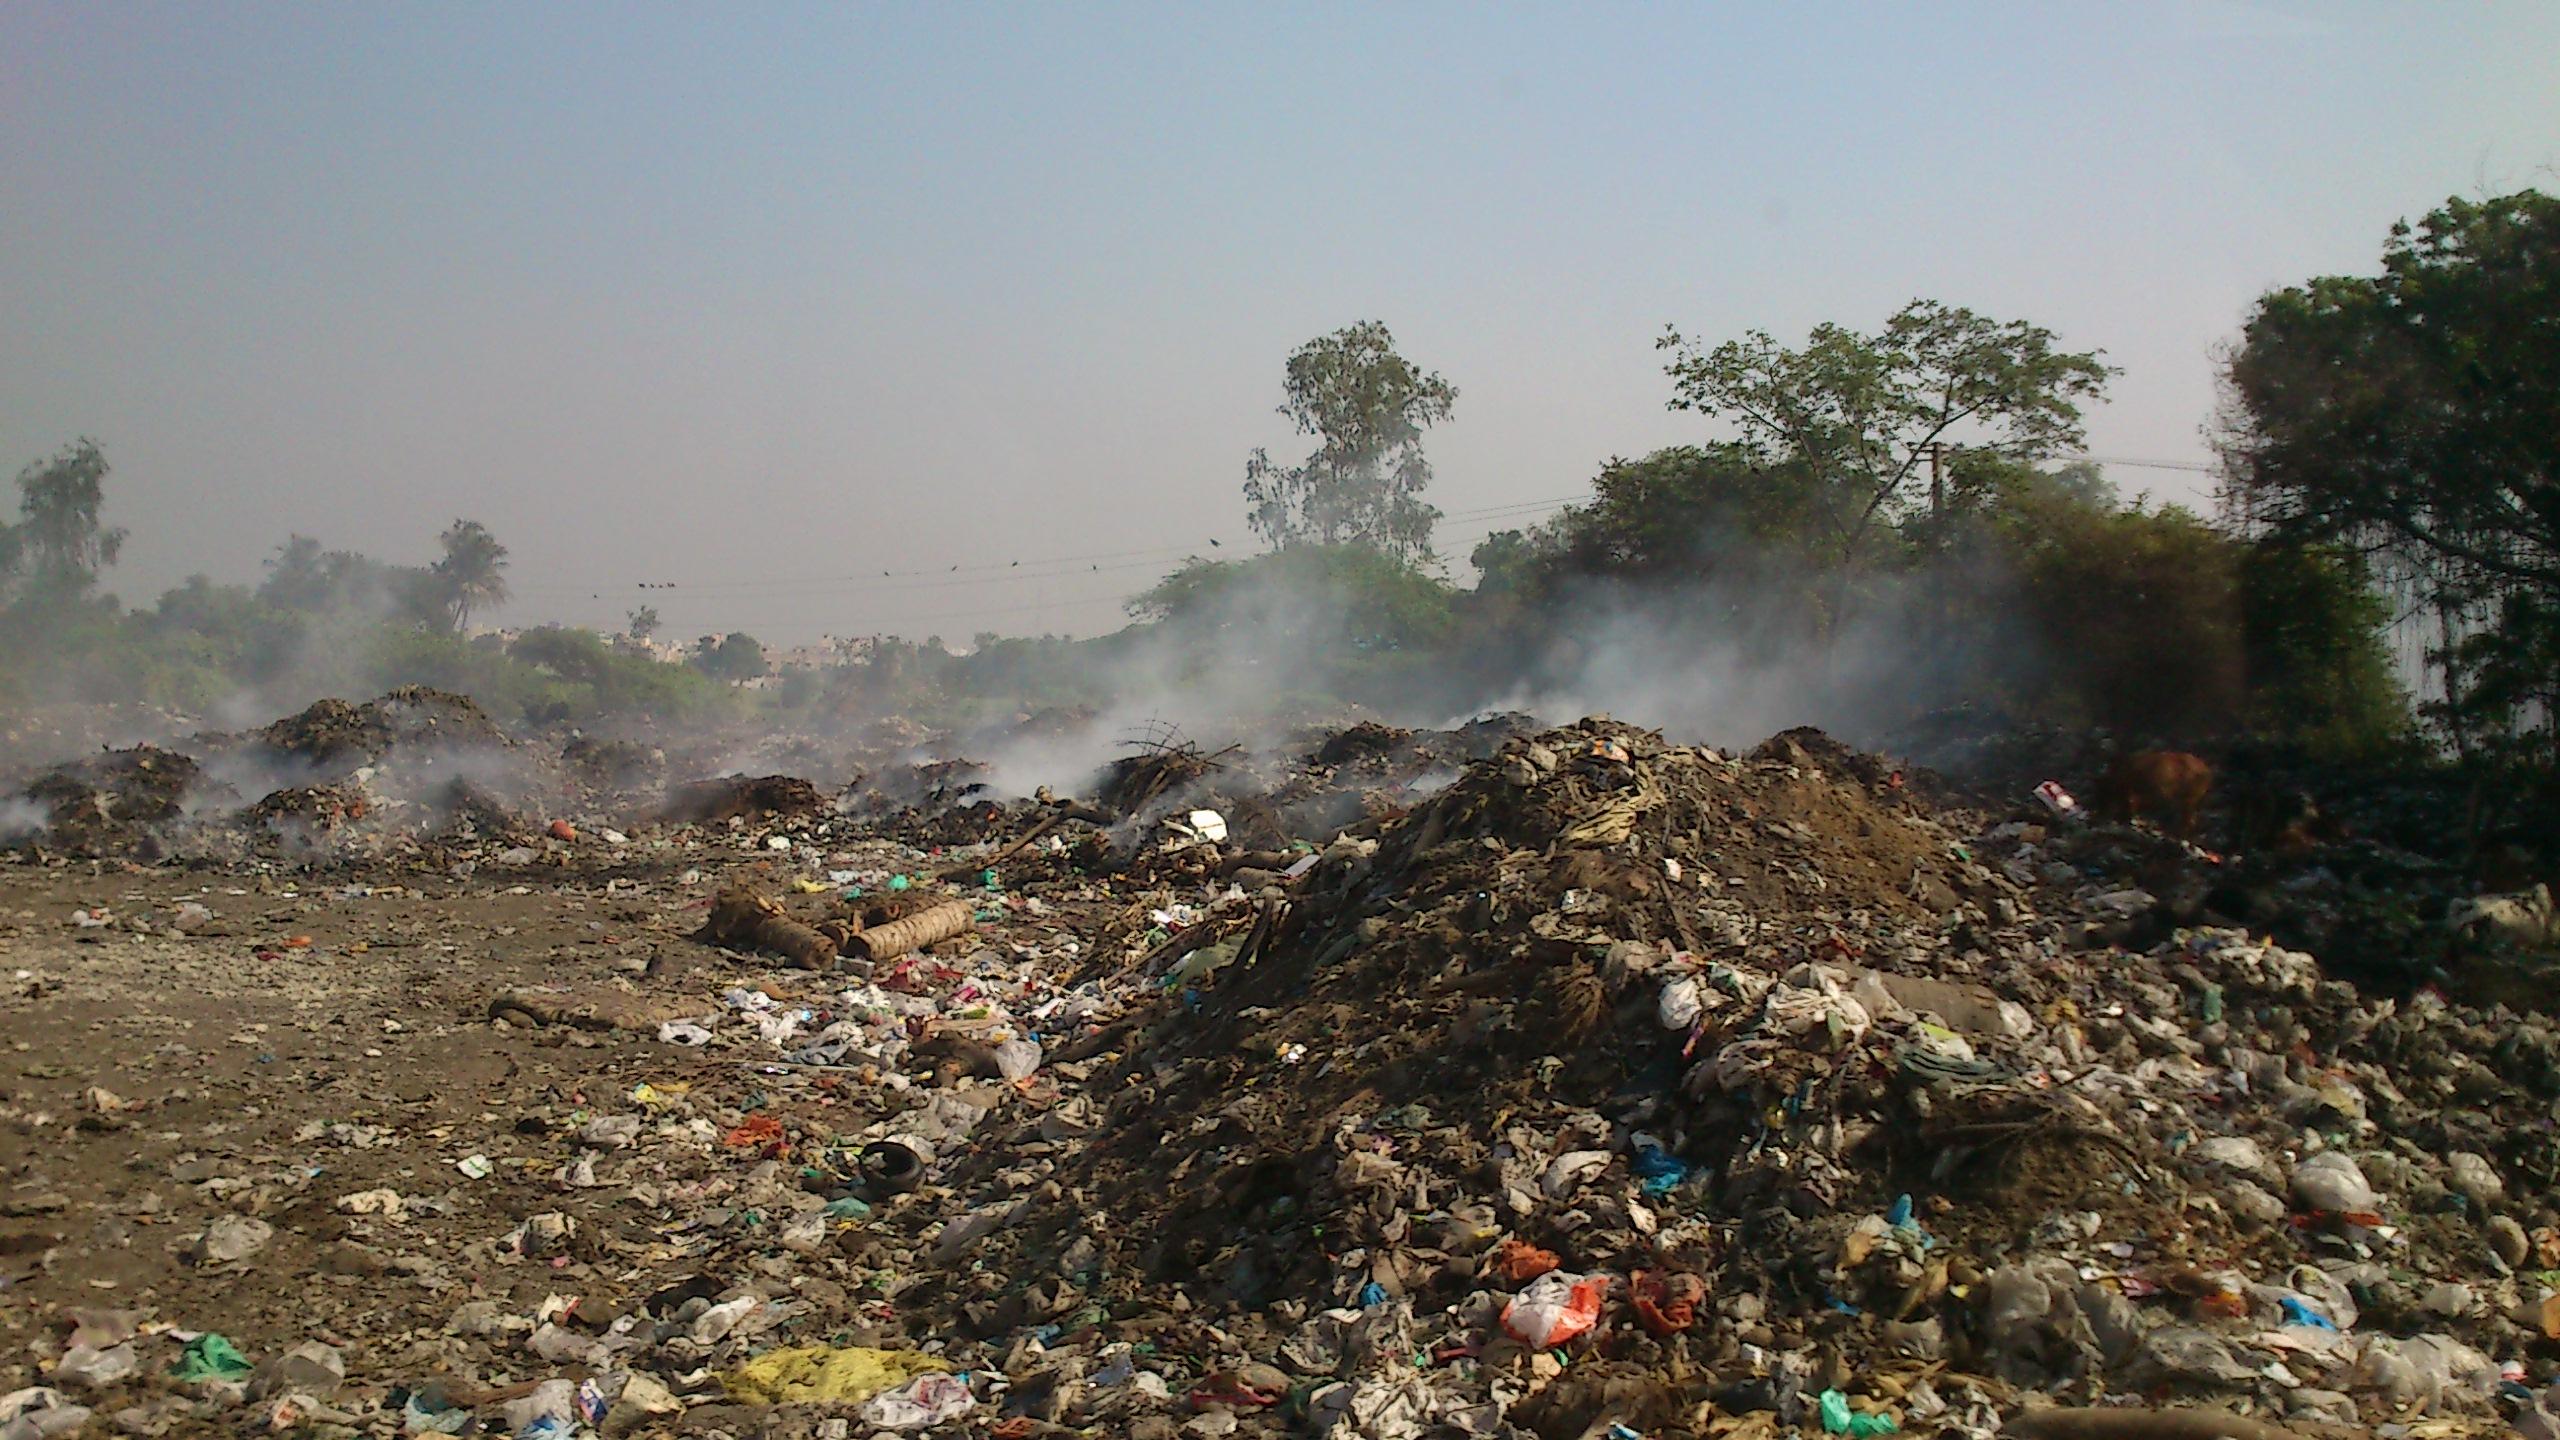 sithalapakkam_garbage_dump_3